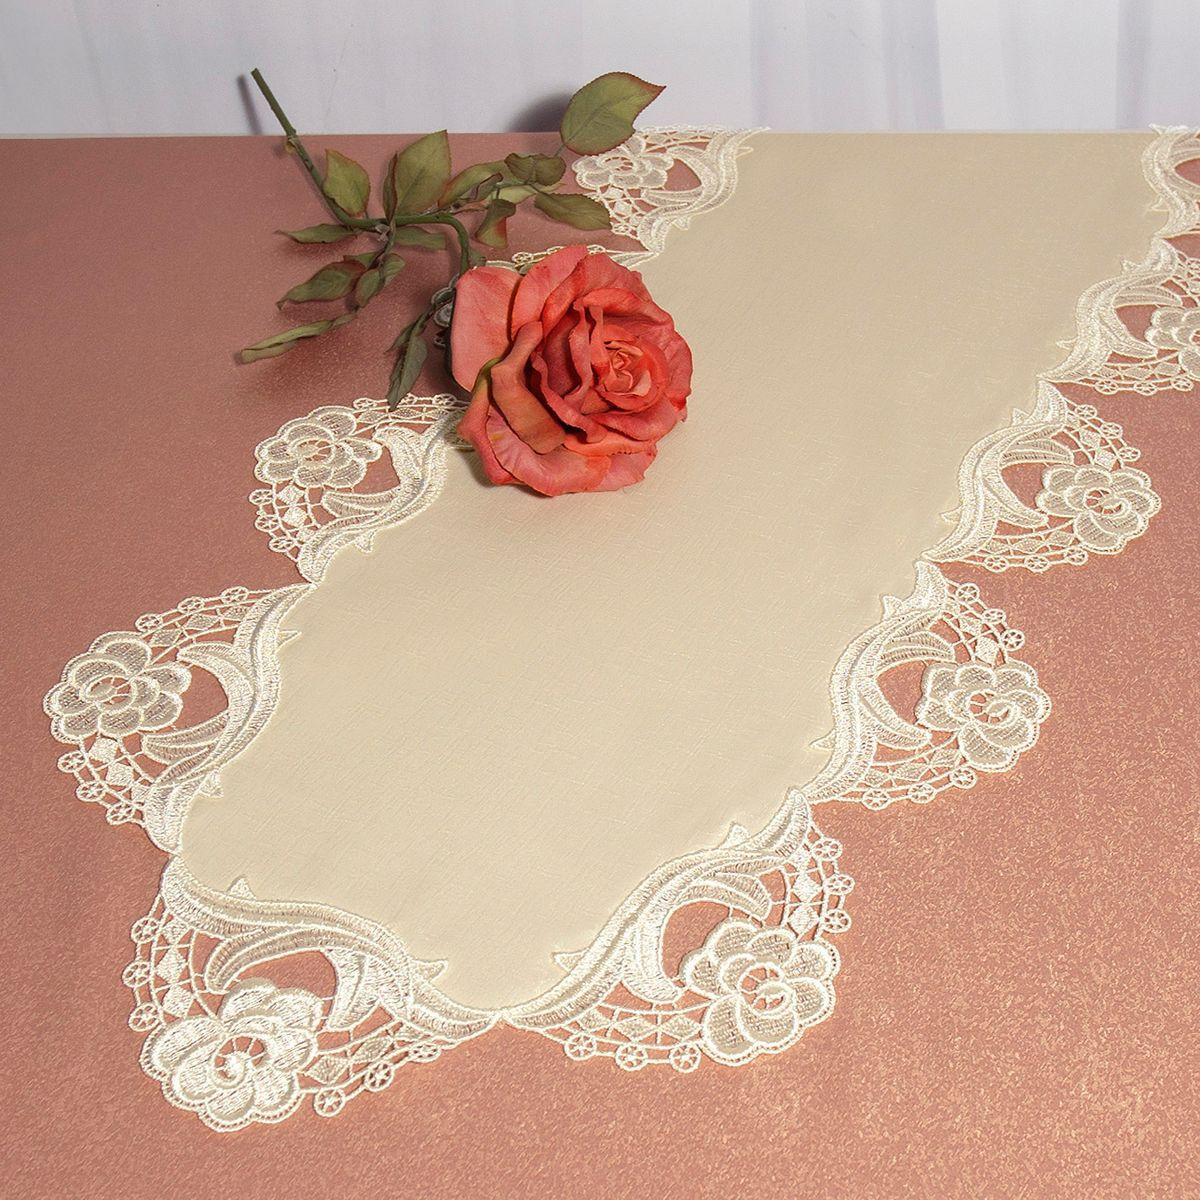 Дорожка для декорирования стола Schaefer, 40 x 90 см, цвет: розовый. 30153015Дорожка для декорирования стола Schaefer может быть использована, как основной элемент, так и дополнение для создания уюта и романтического настроения.Дорожка выполнена из полиэстера. Изделие легко стирать: оно не мнется, не садится и быстро сохнет, более долговечно, чем изделие из натуральных волокон.Материал: 100% полиэстер.Размер: 40 x 90 см.